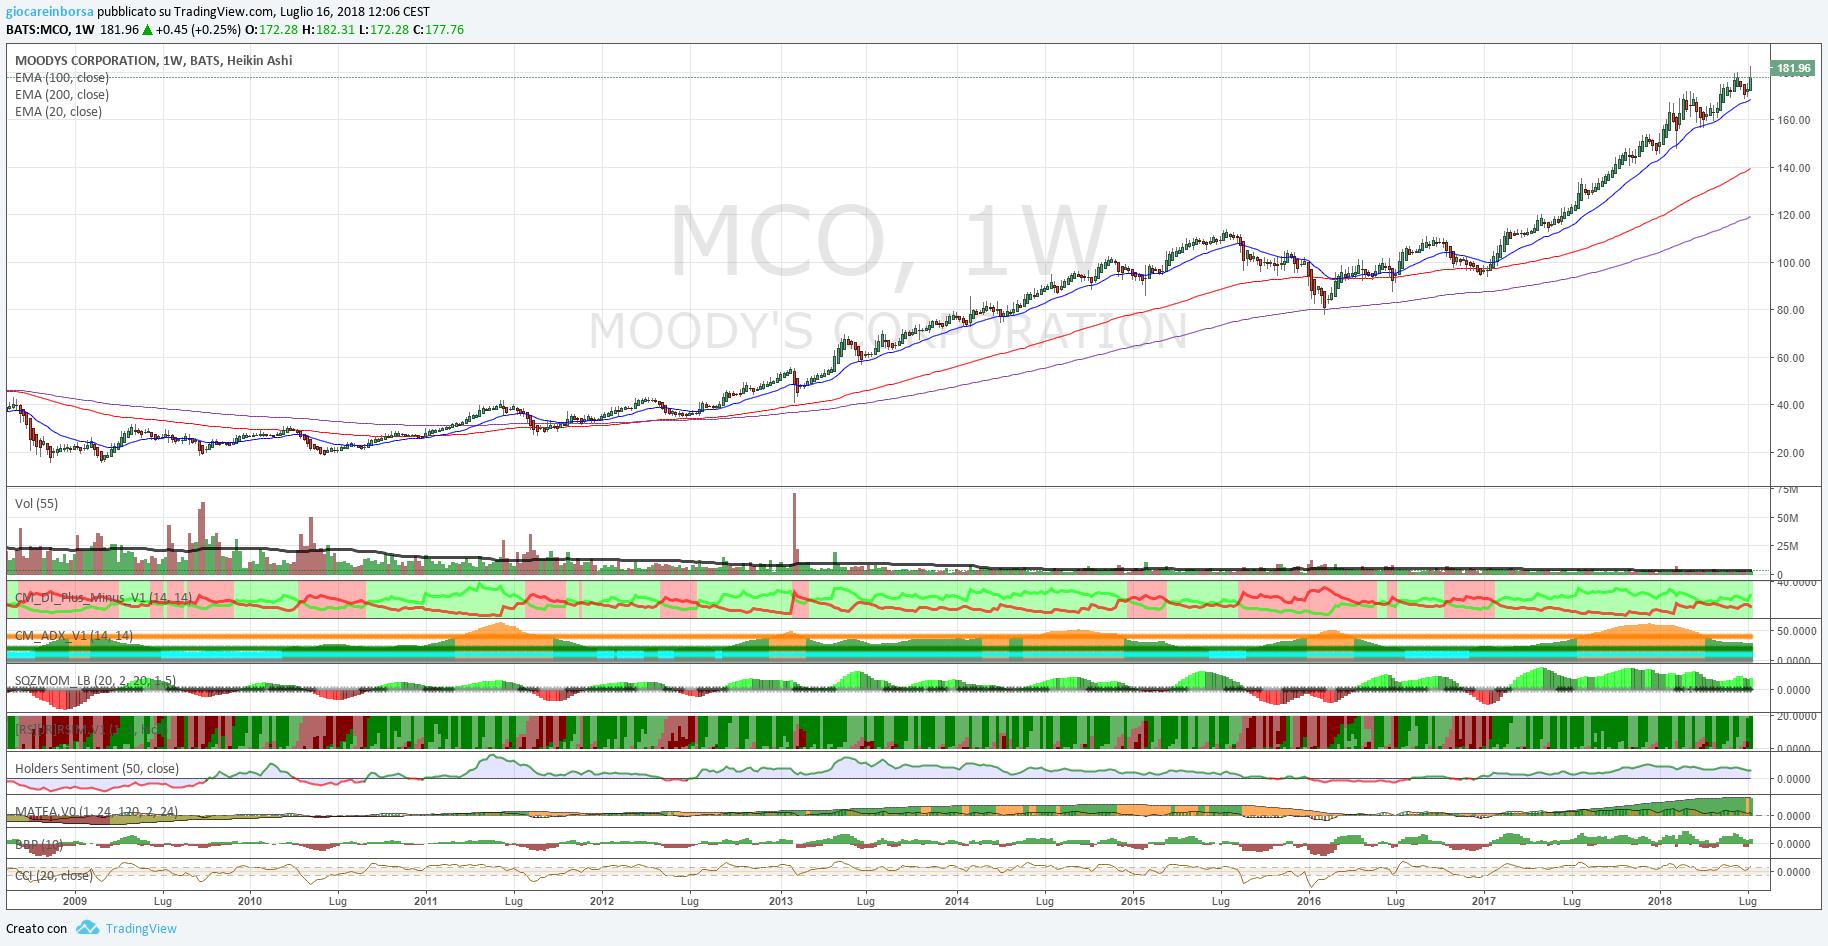 Azioni Moody's, che potenza!